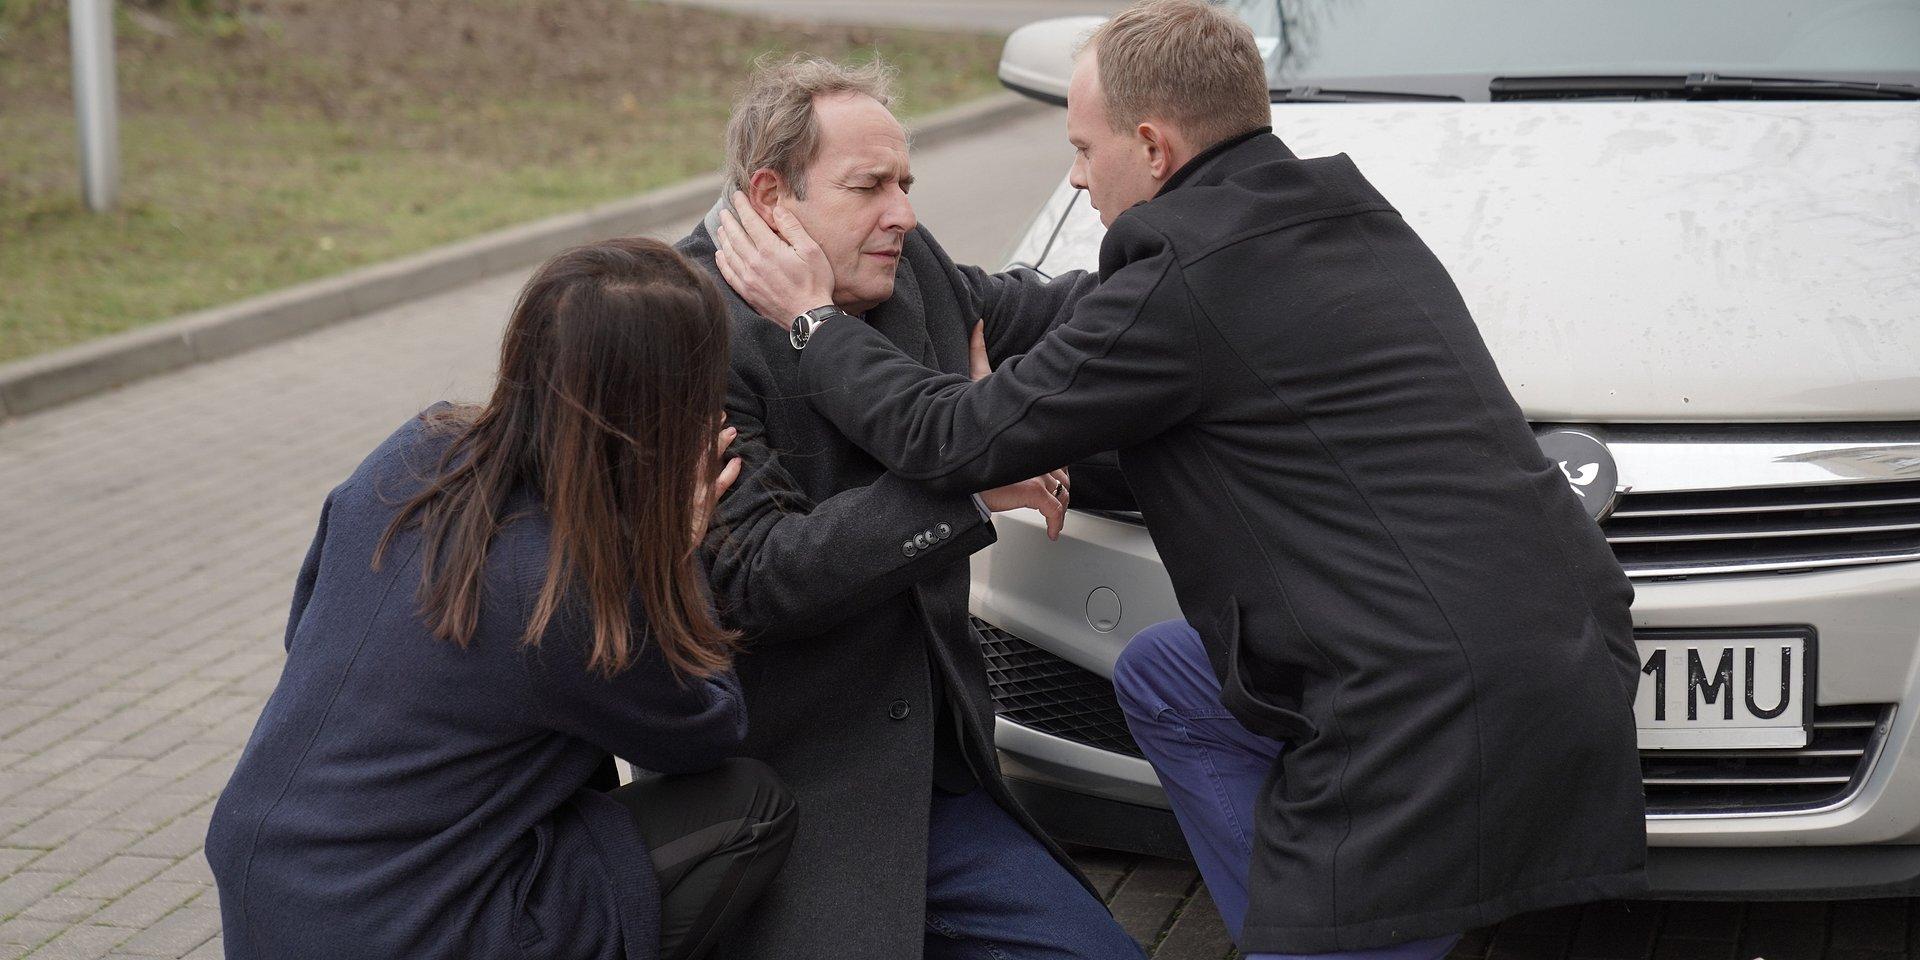 Na Wspólnej: Ostrowski umiera – czy uratuje go jego wróg Adamski?!